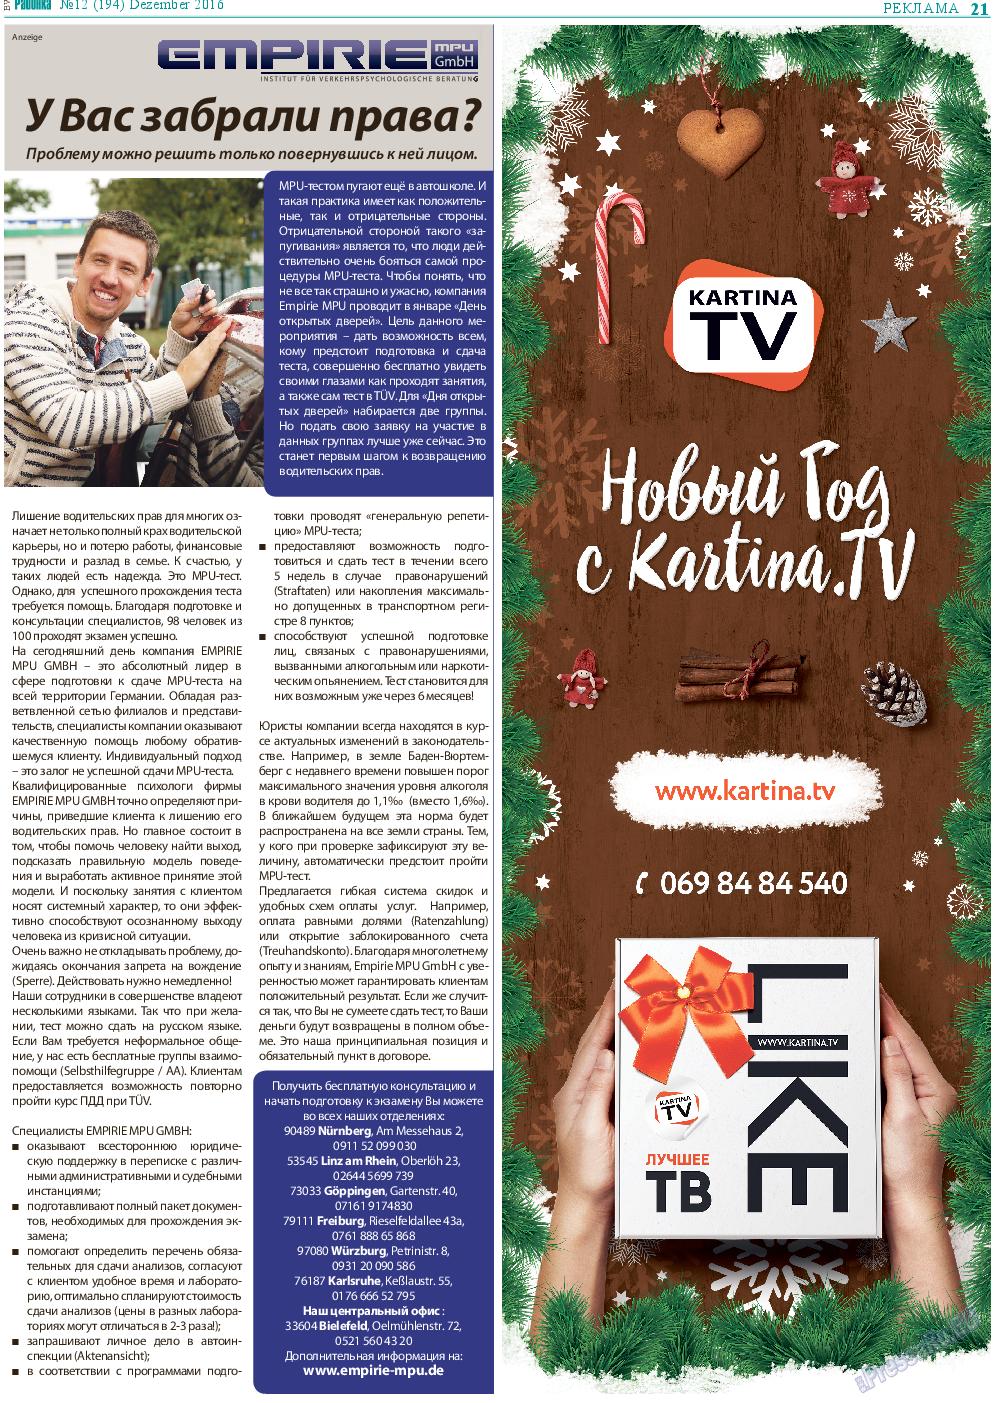 Районка-West (газета). 2016 год, номер 12, стр. 21